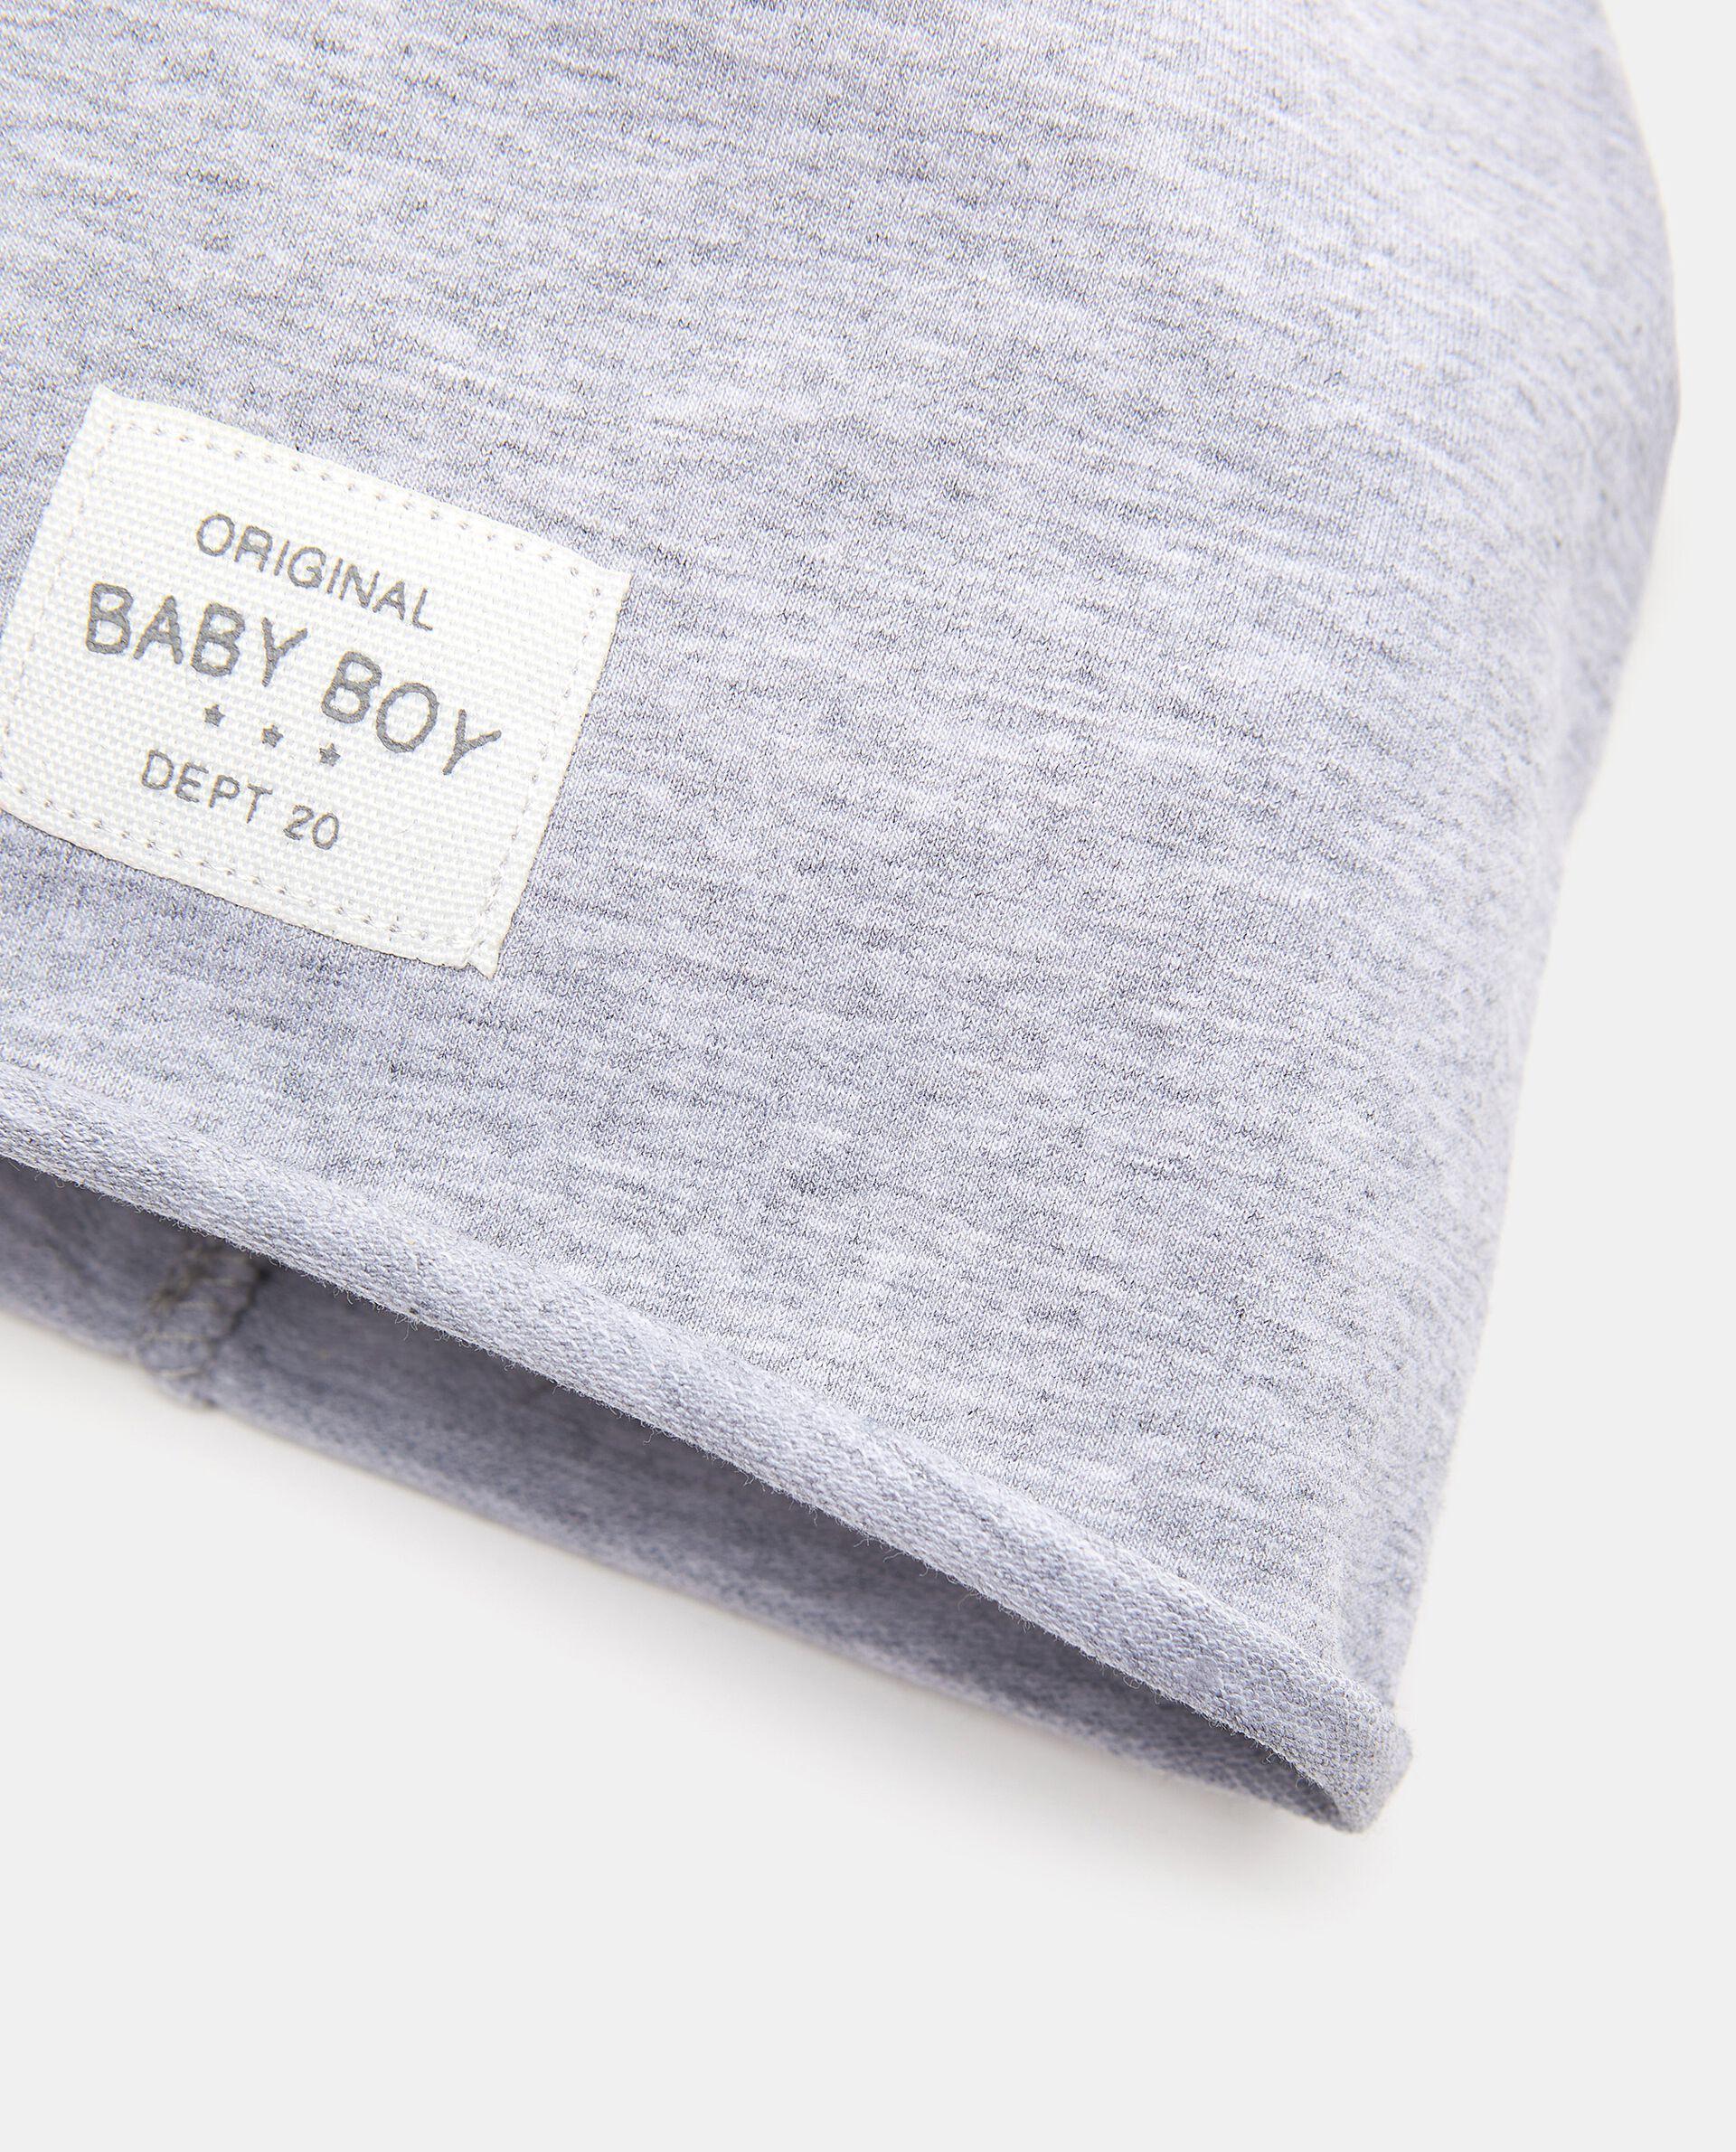 Berrettino tinta unita in cotone elasticato neonato